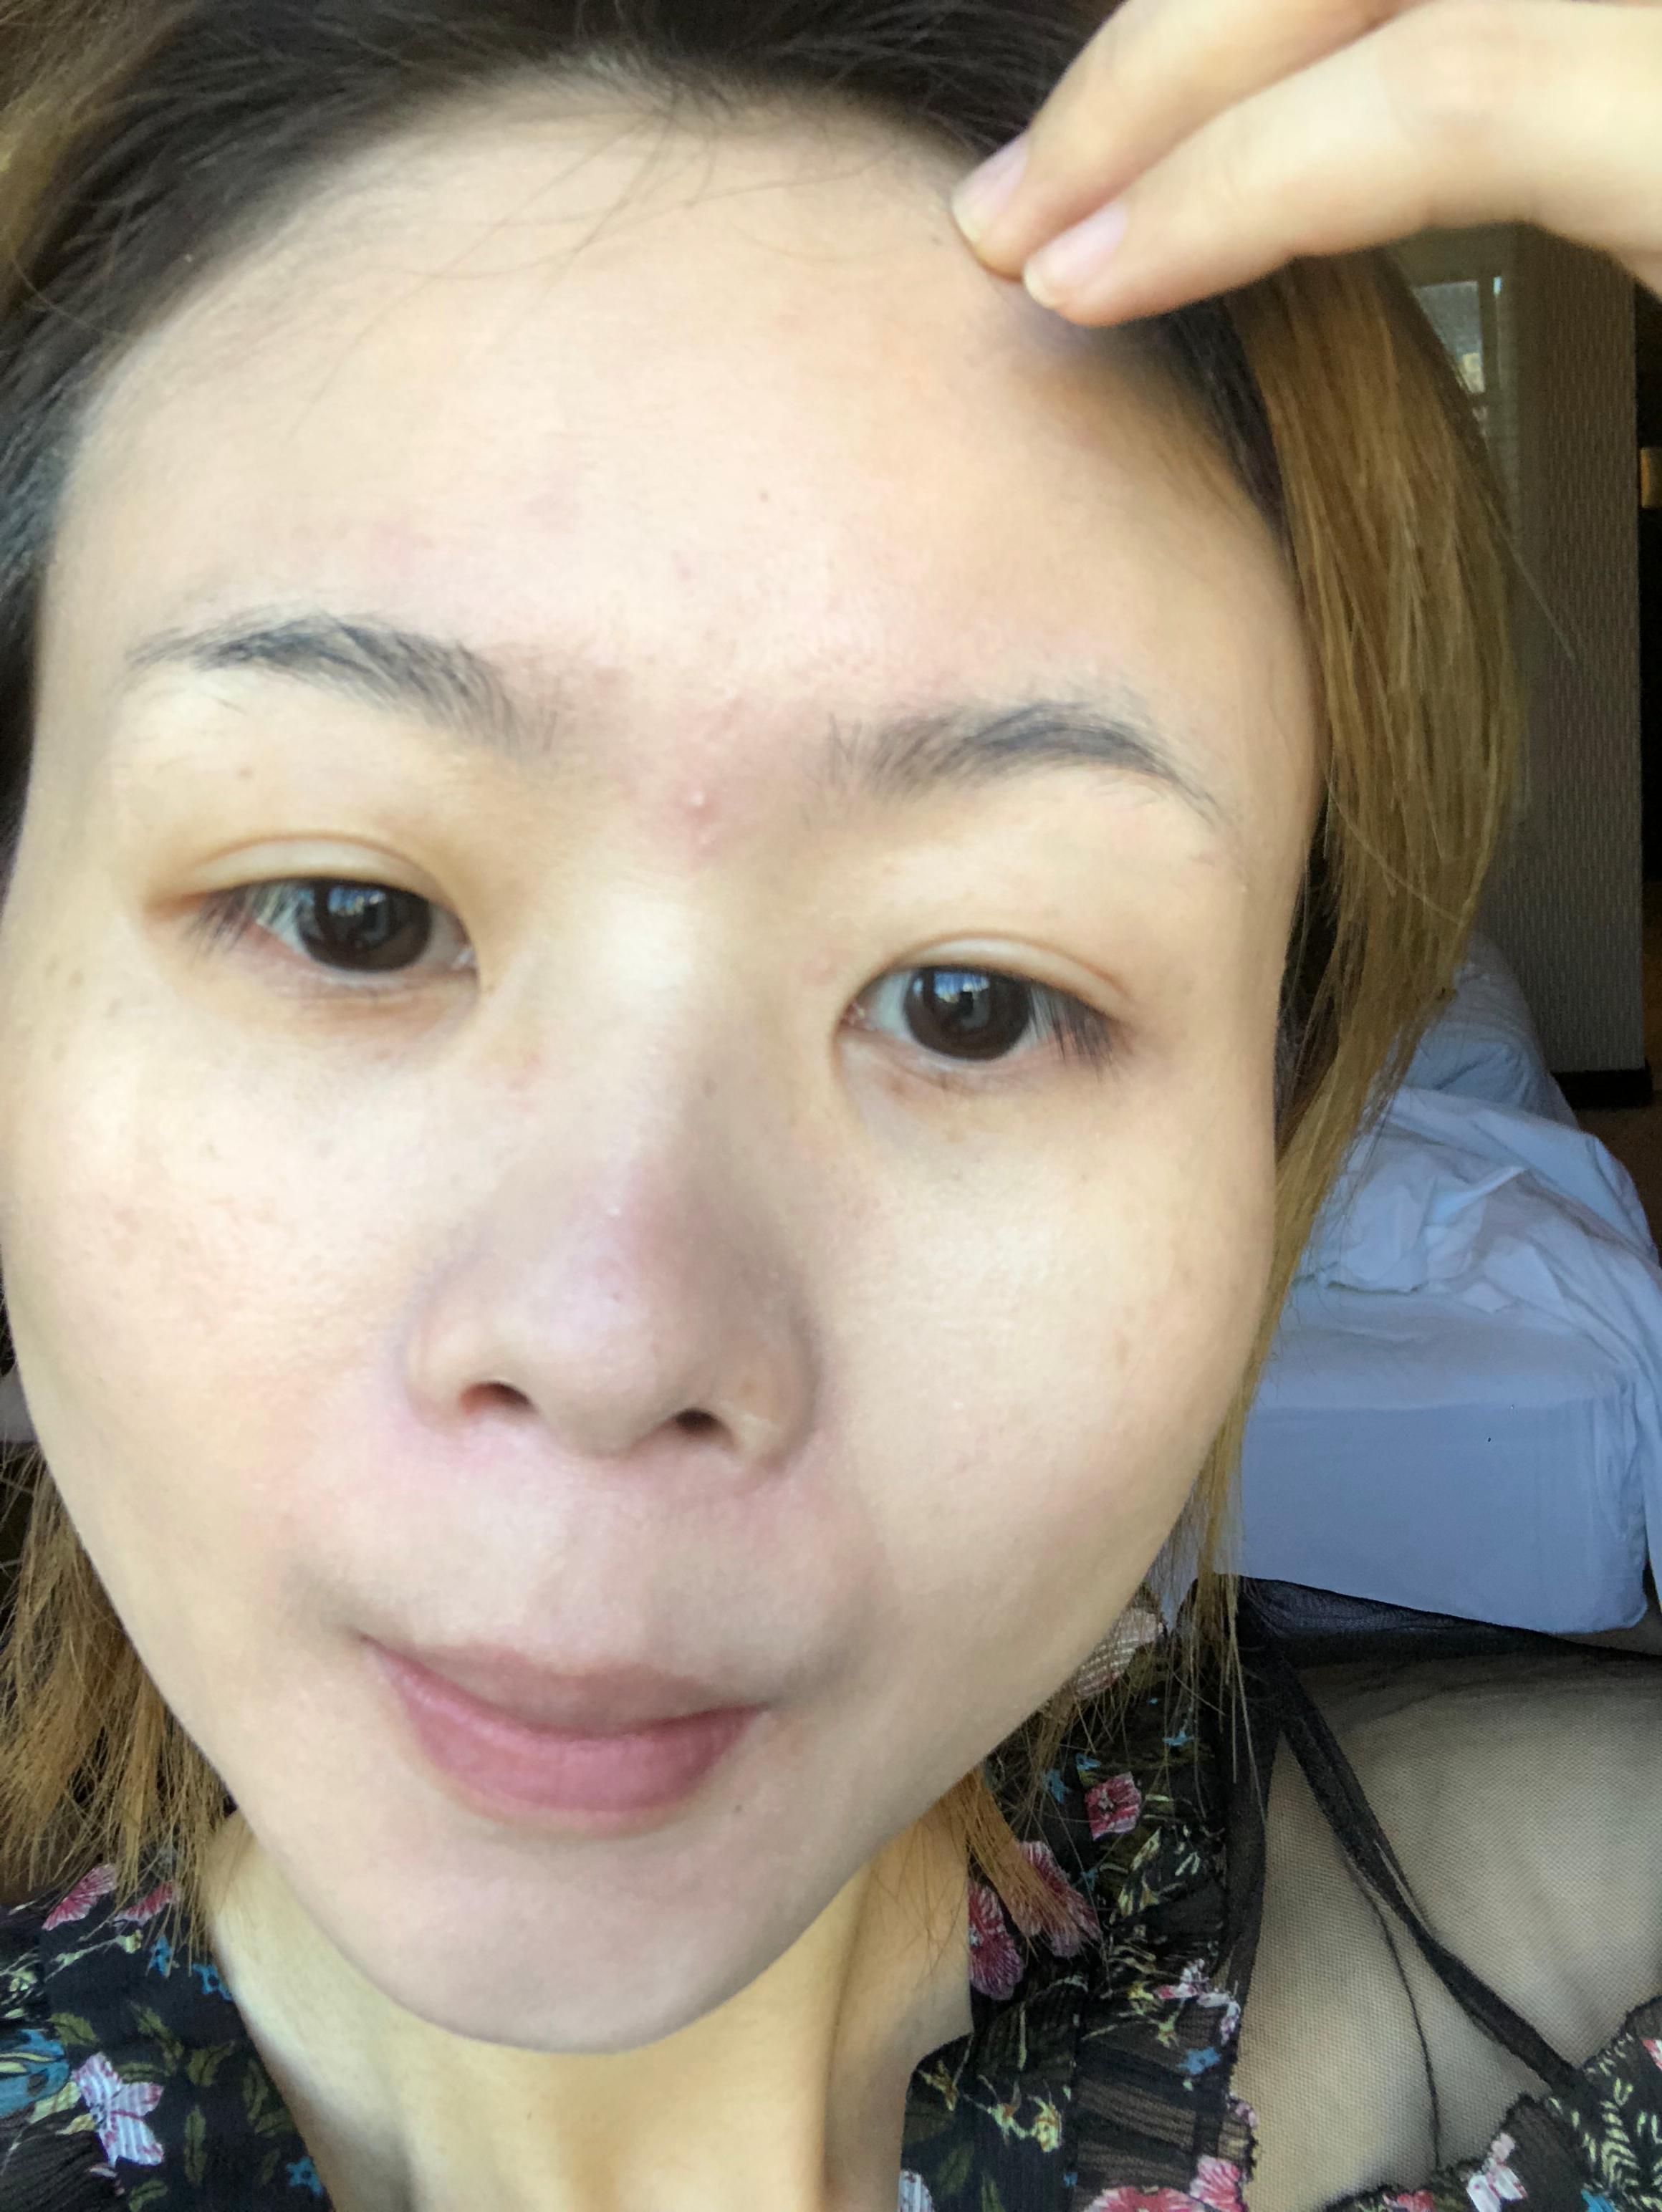 原先臉上的斑點和皮膚暗沉,膚色真的是和年紀不搭,真的是改變一下就完全年輕很多,只要現在好好保養,愛護自己的臉蛋我相信再過幾年也是水嫩噠~